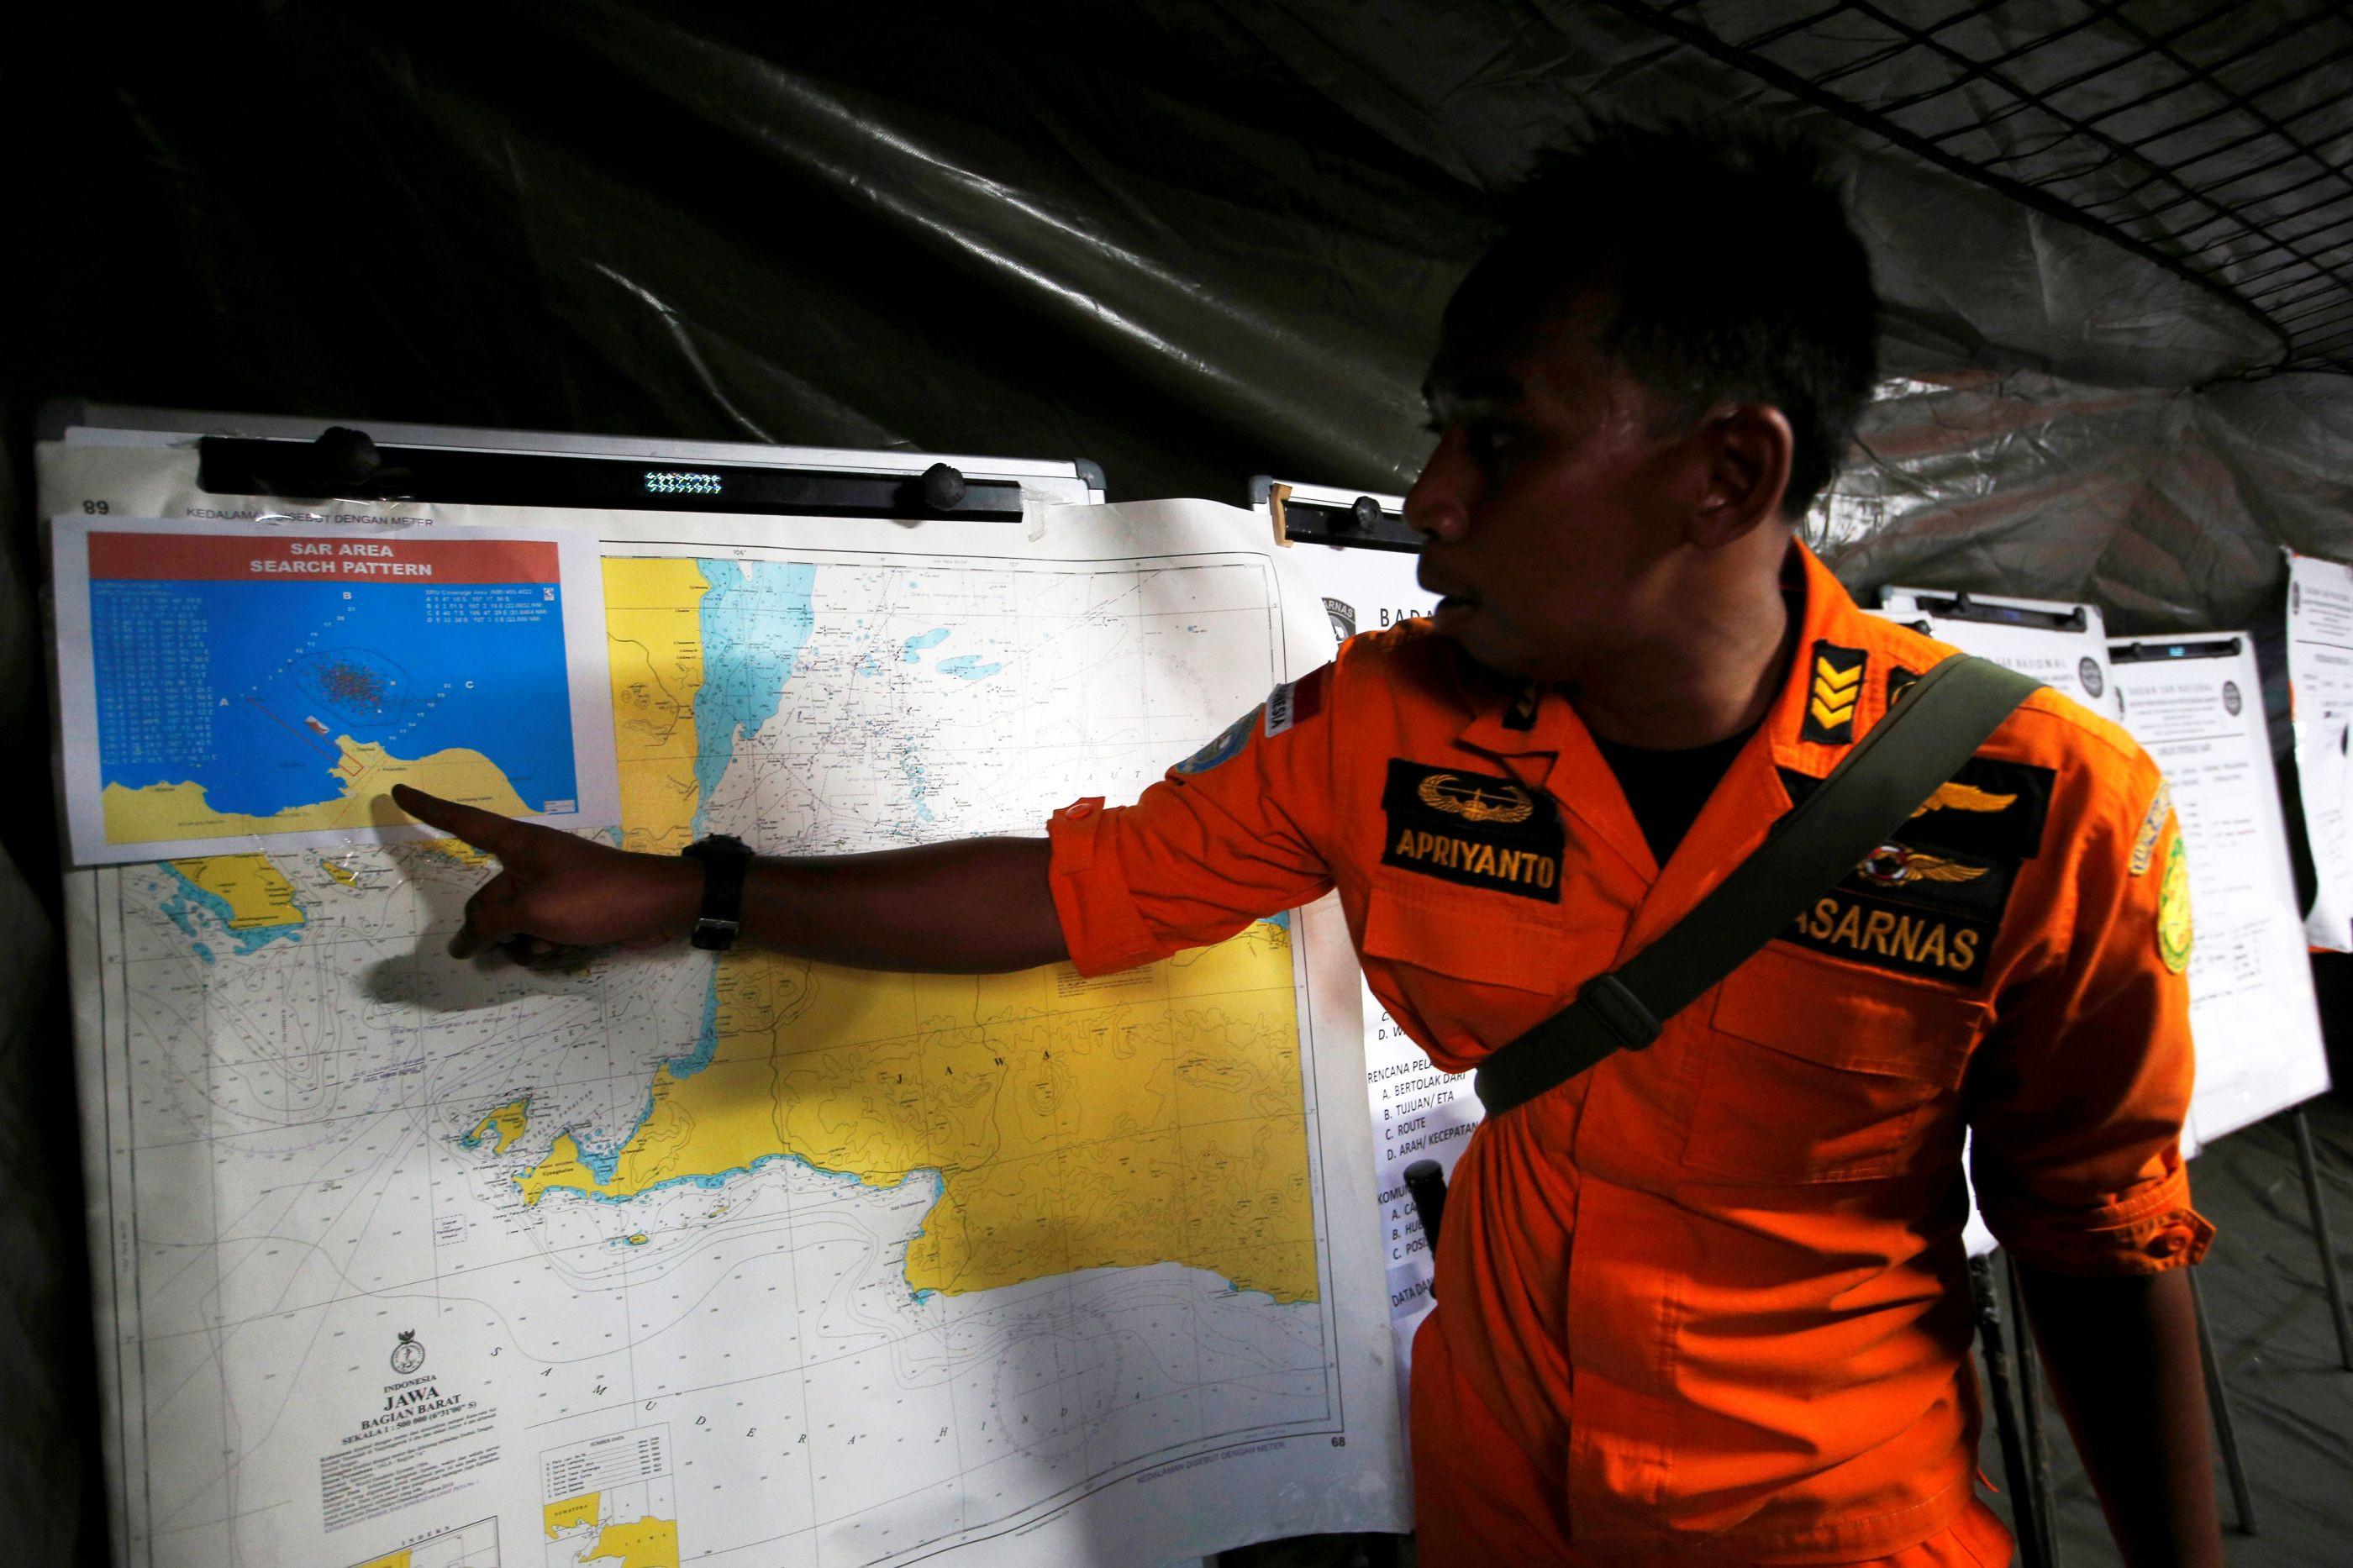 Sinais sonoros detetados são do avião da Lion Air, dizem autoridades